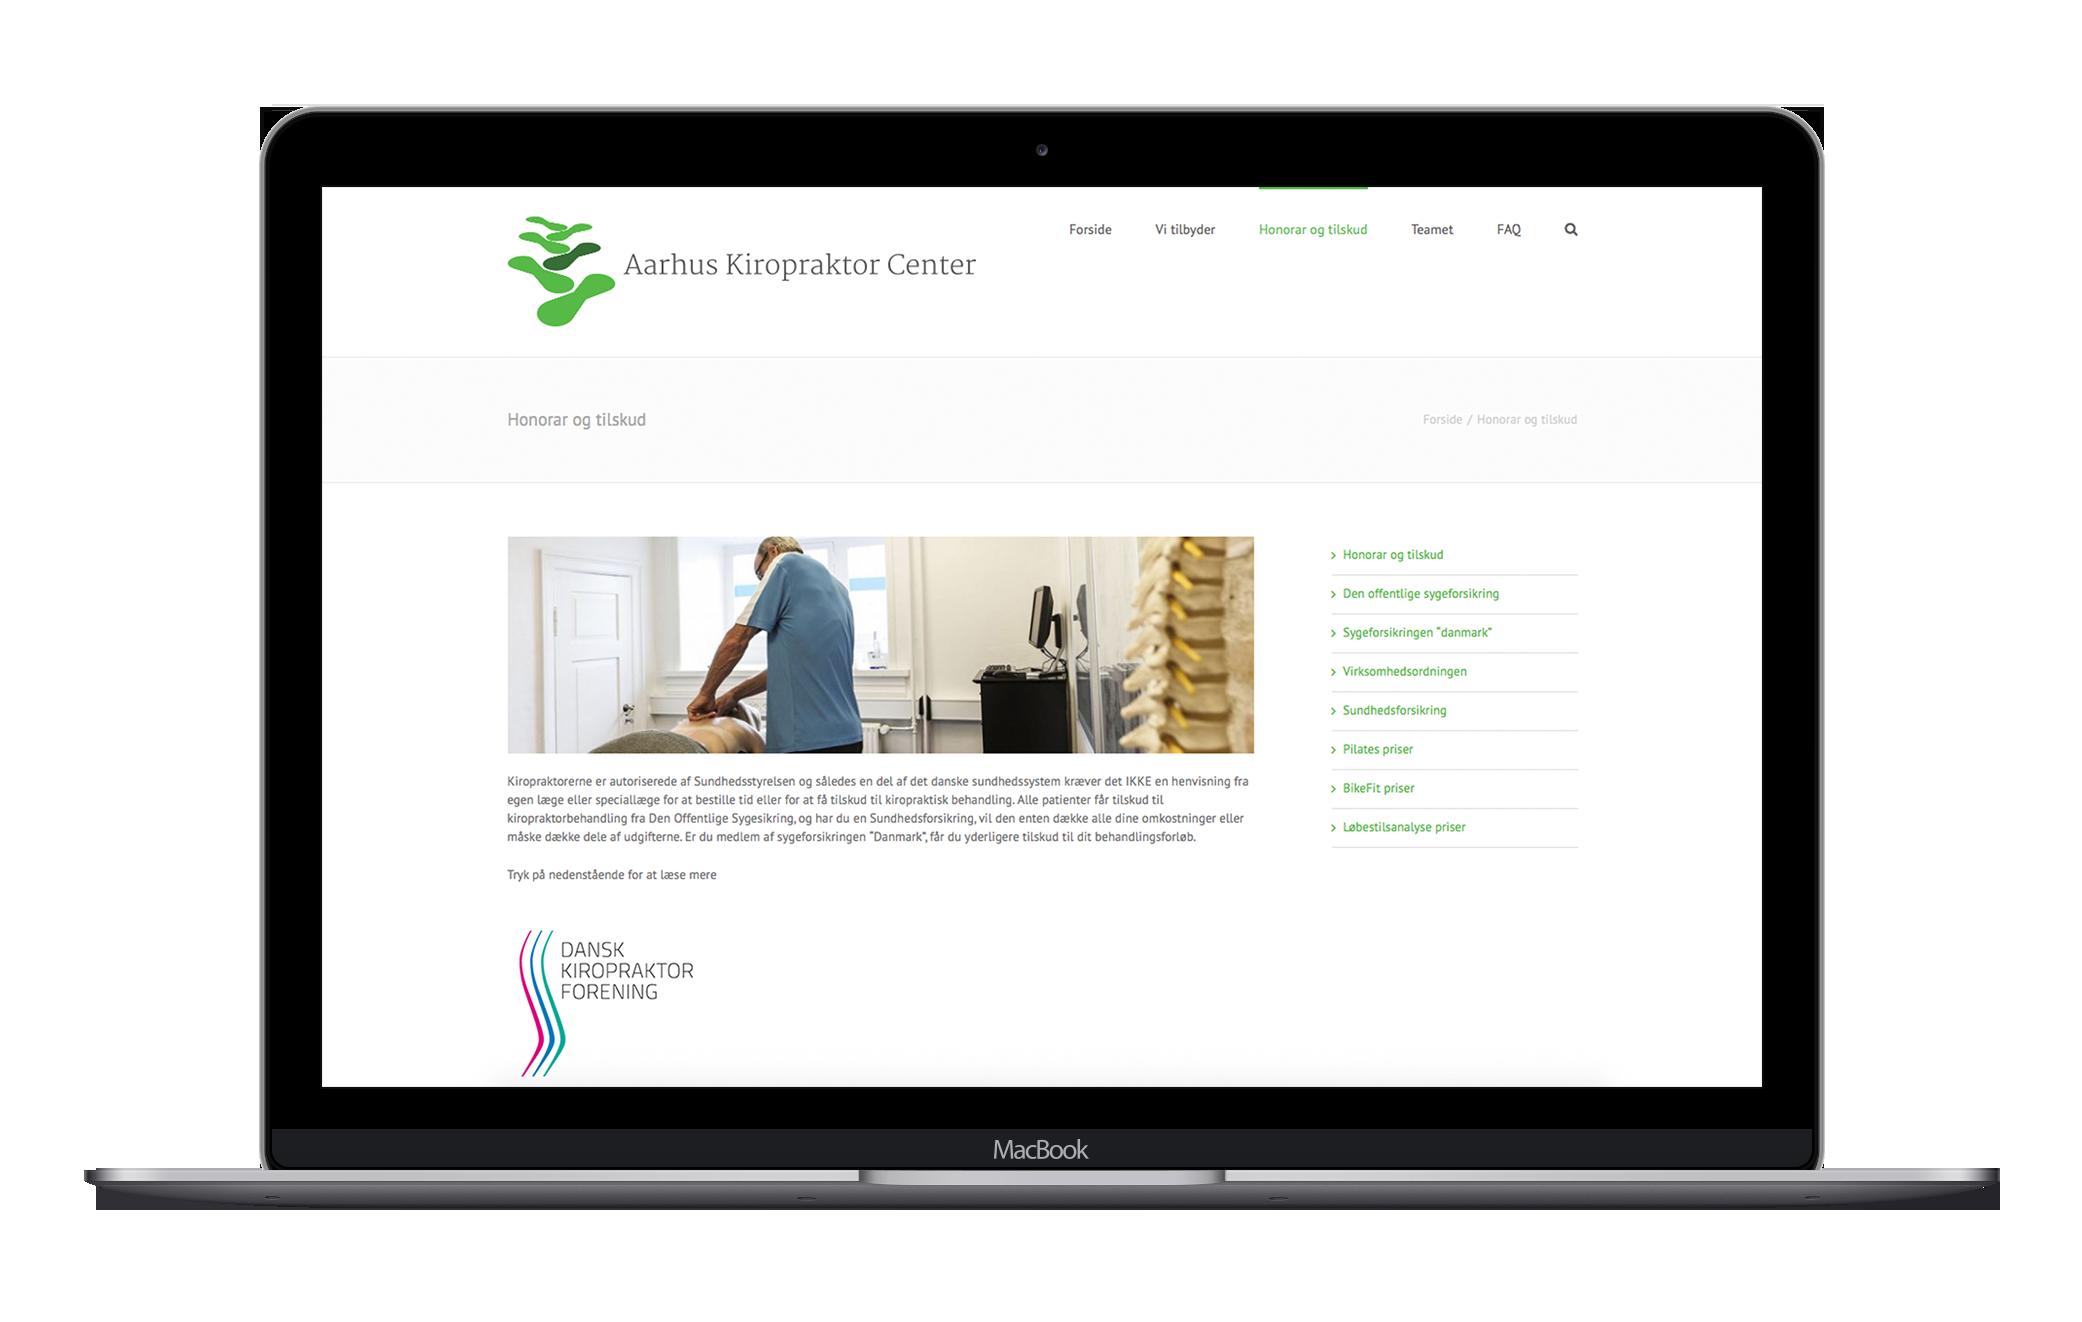 Webhotel og webhosting med optimal sikkerhed og automatisk opdatering